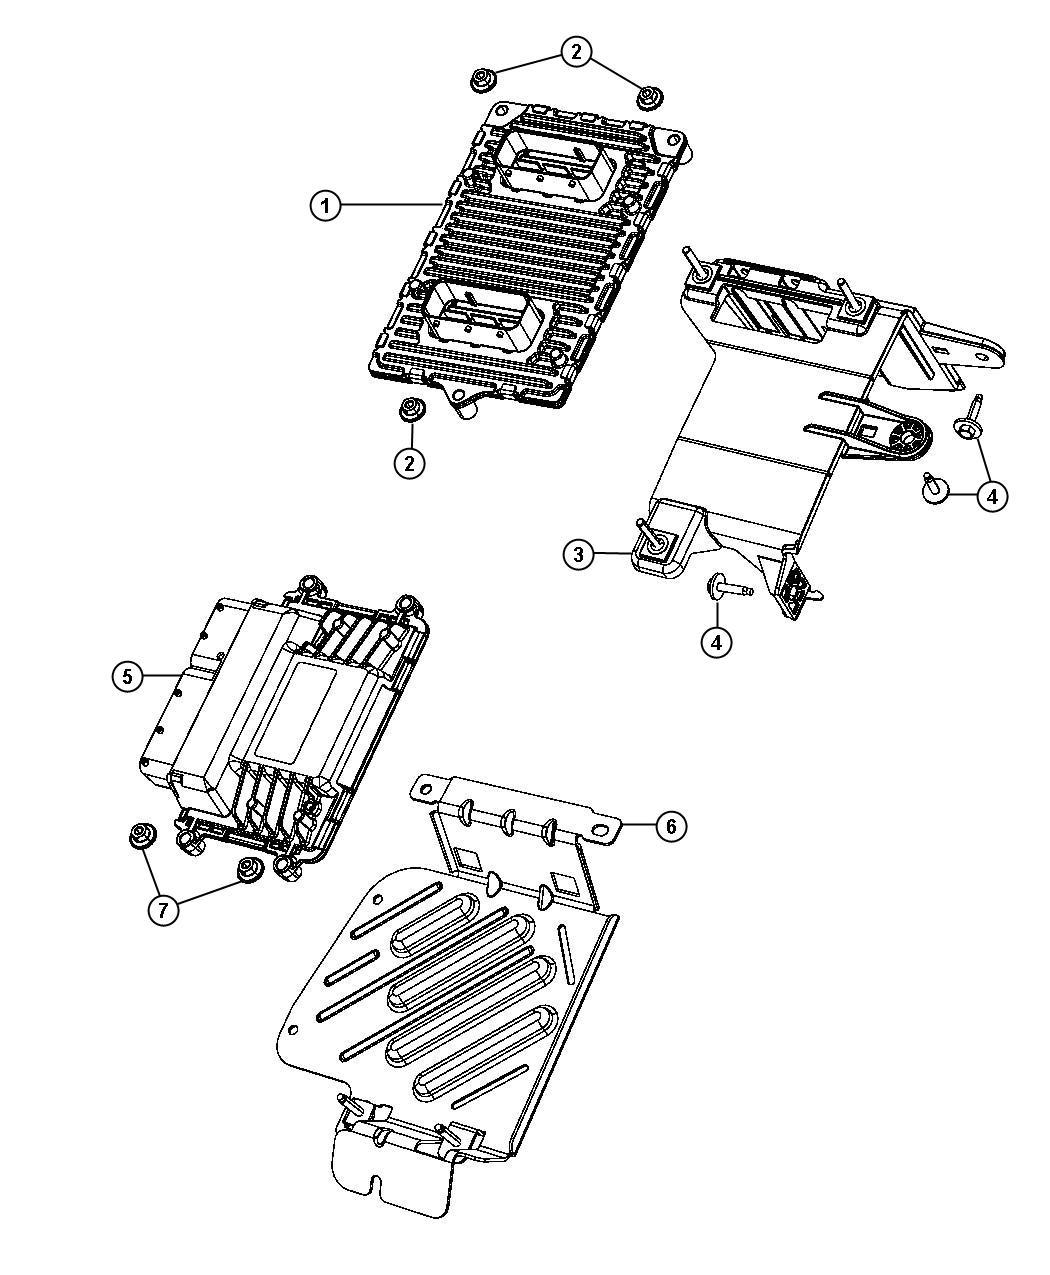 2013 Dodge Charger Transmission: 2013 Dodge Dart Bracket. Transmission Control Module. [x87